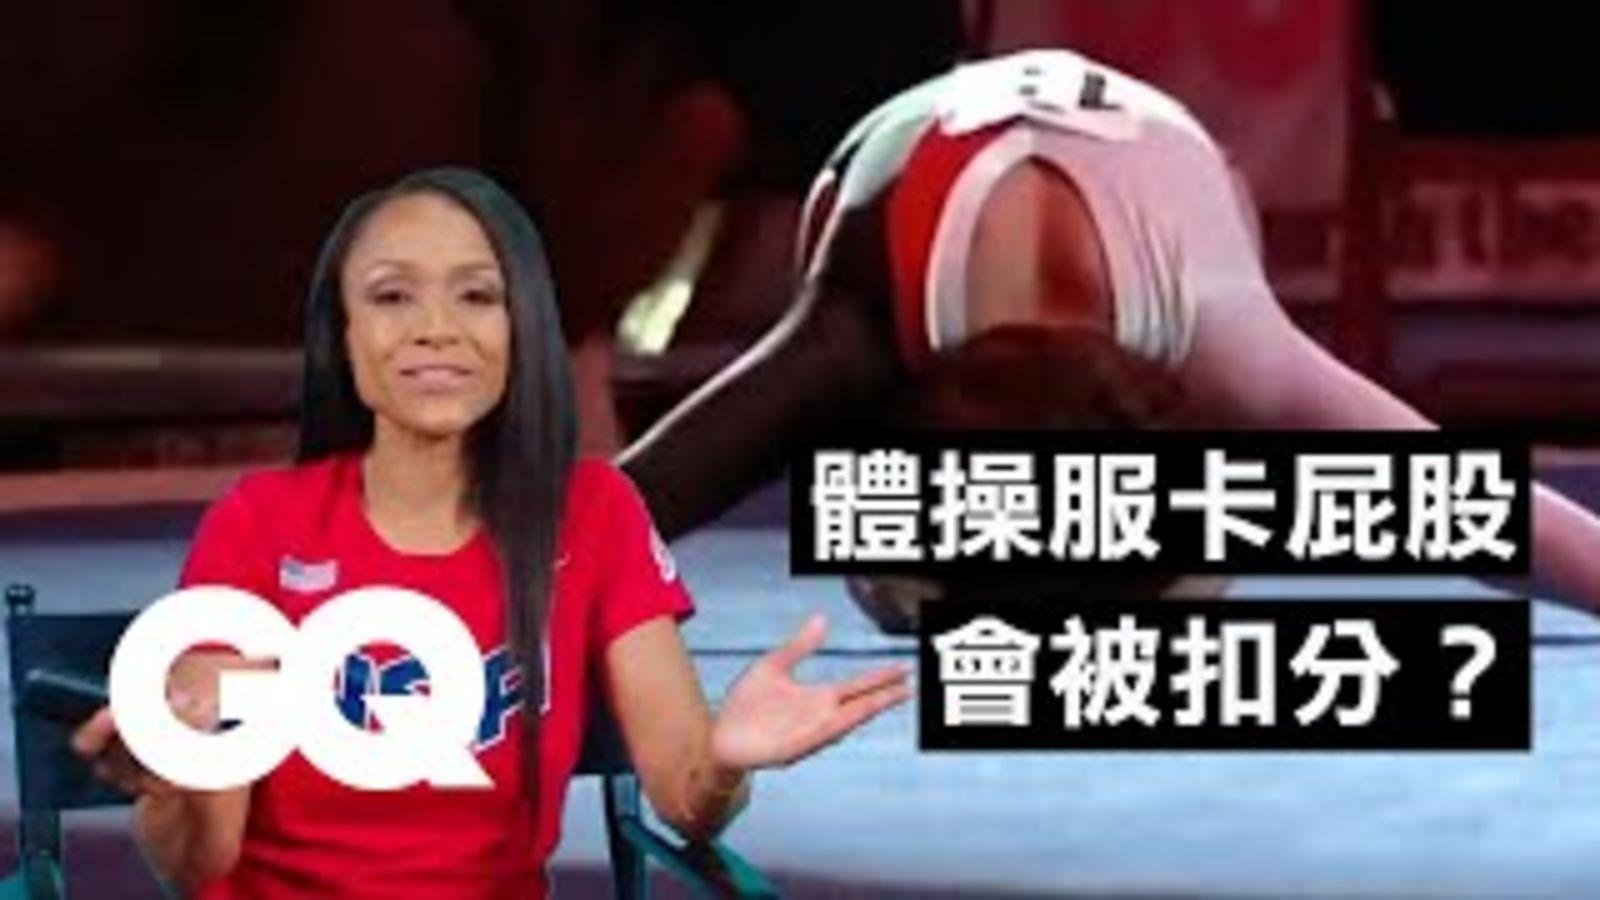 體操選手摔下來其實不會痛?前奧運體操選手分析電影畫面Olympian Dominique Dawes Breaks Down Gymnastics Scenes|經典電影大解密|GQ Taiwan